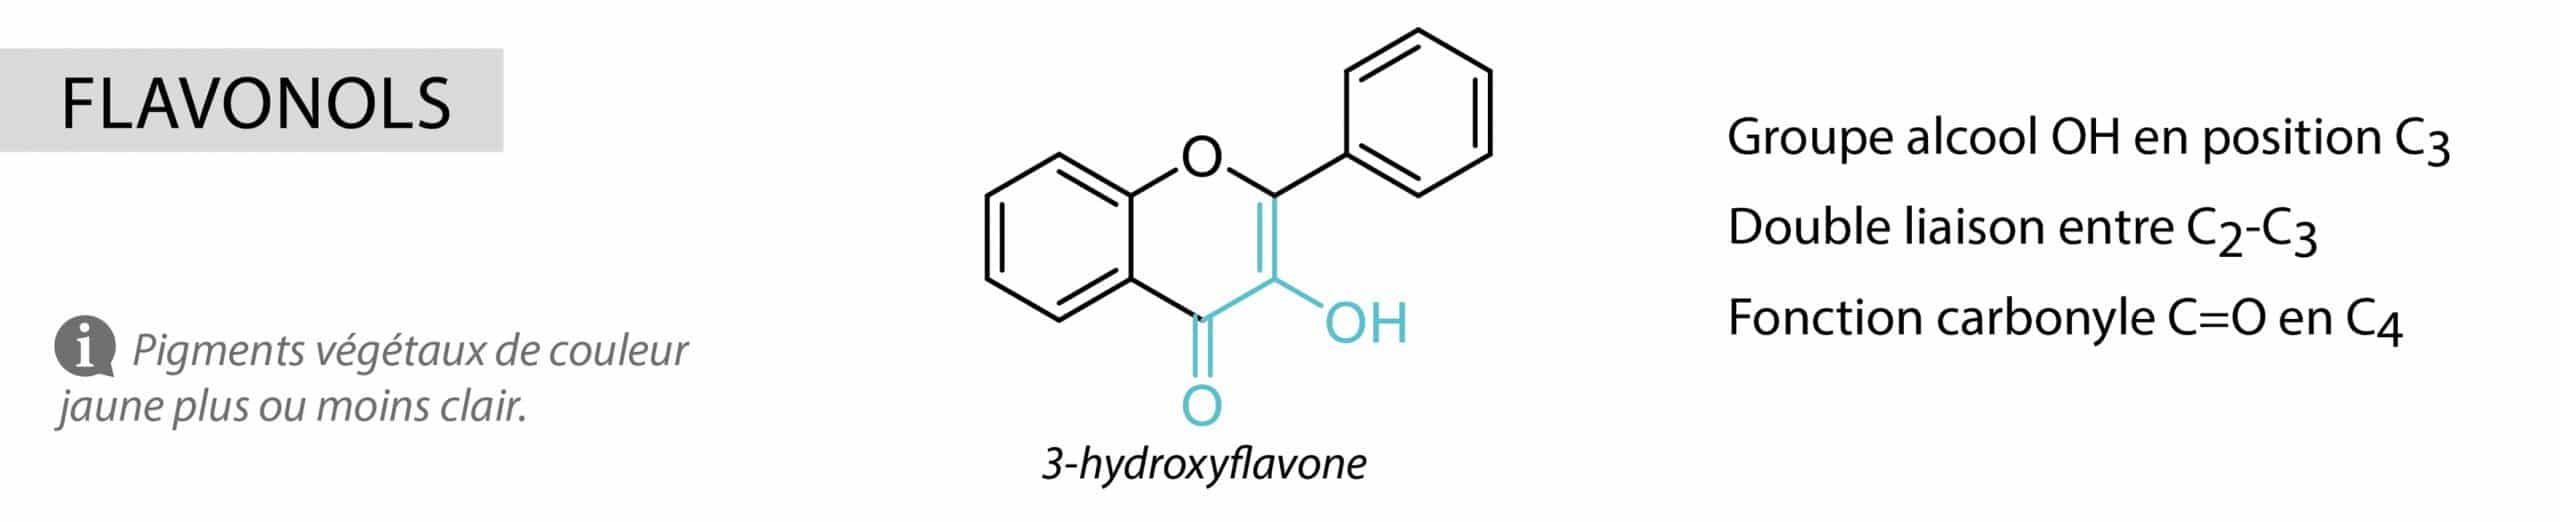 flavonols Nutrixeal Info